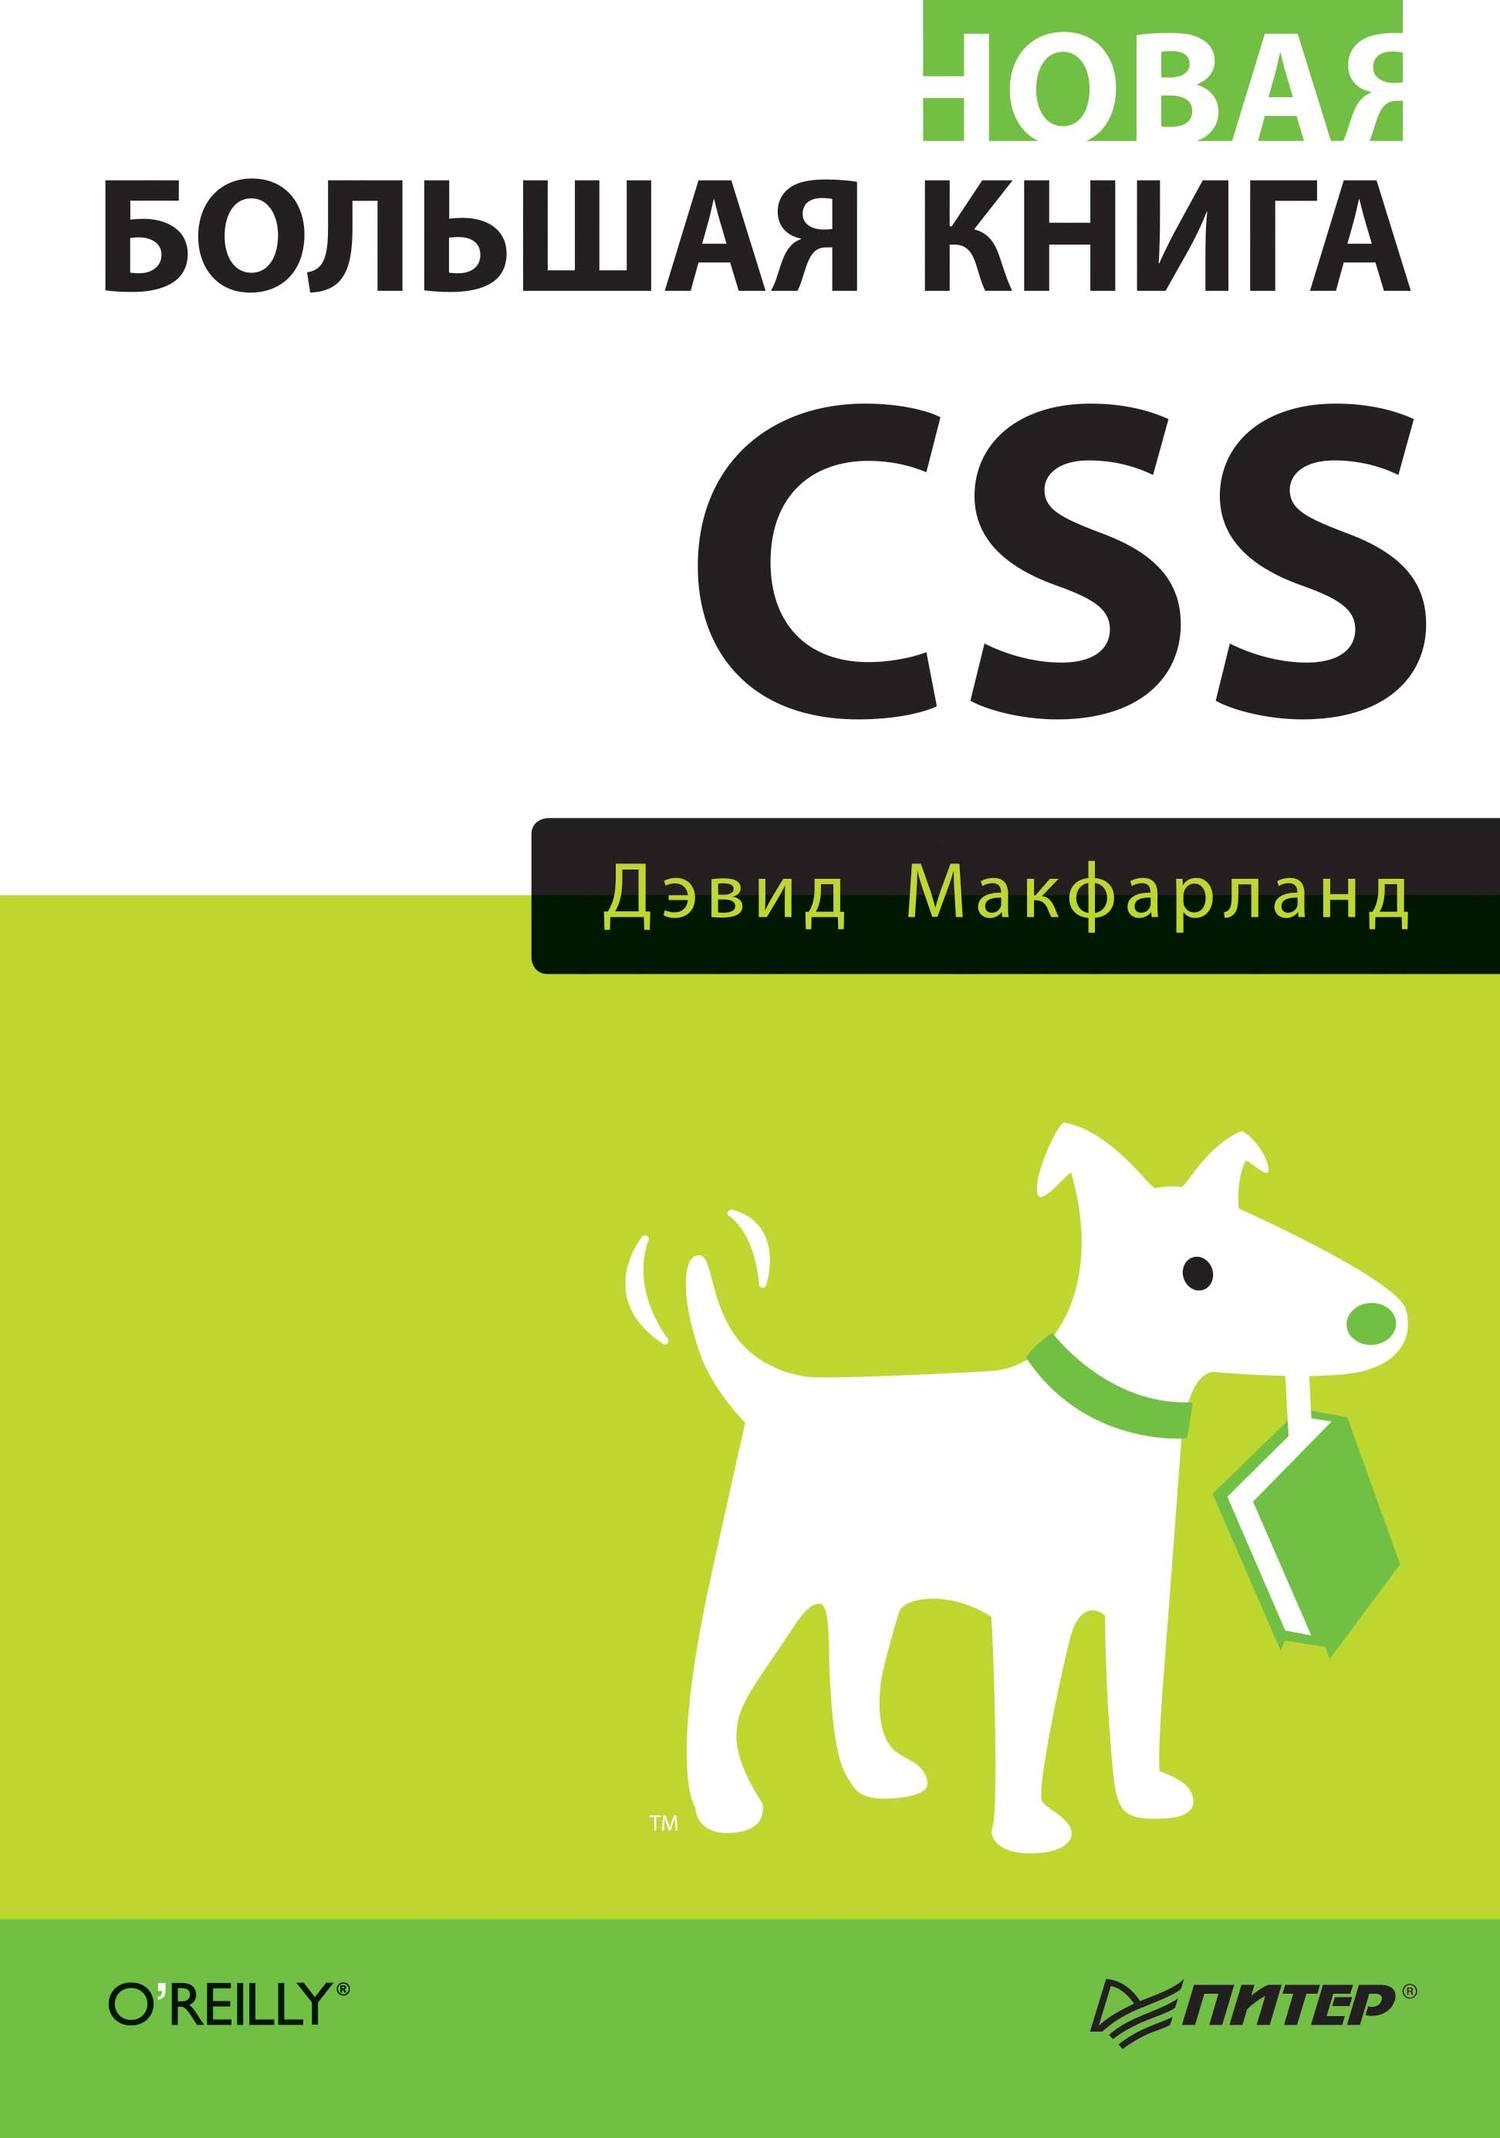 Дэвид Сойер Макфарланд Новая большая книга CSS нейт купер как создать сайт комикс путеводитель по html css и wordpress